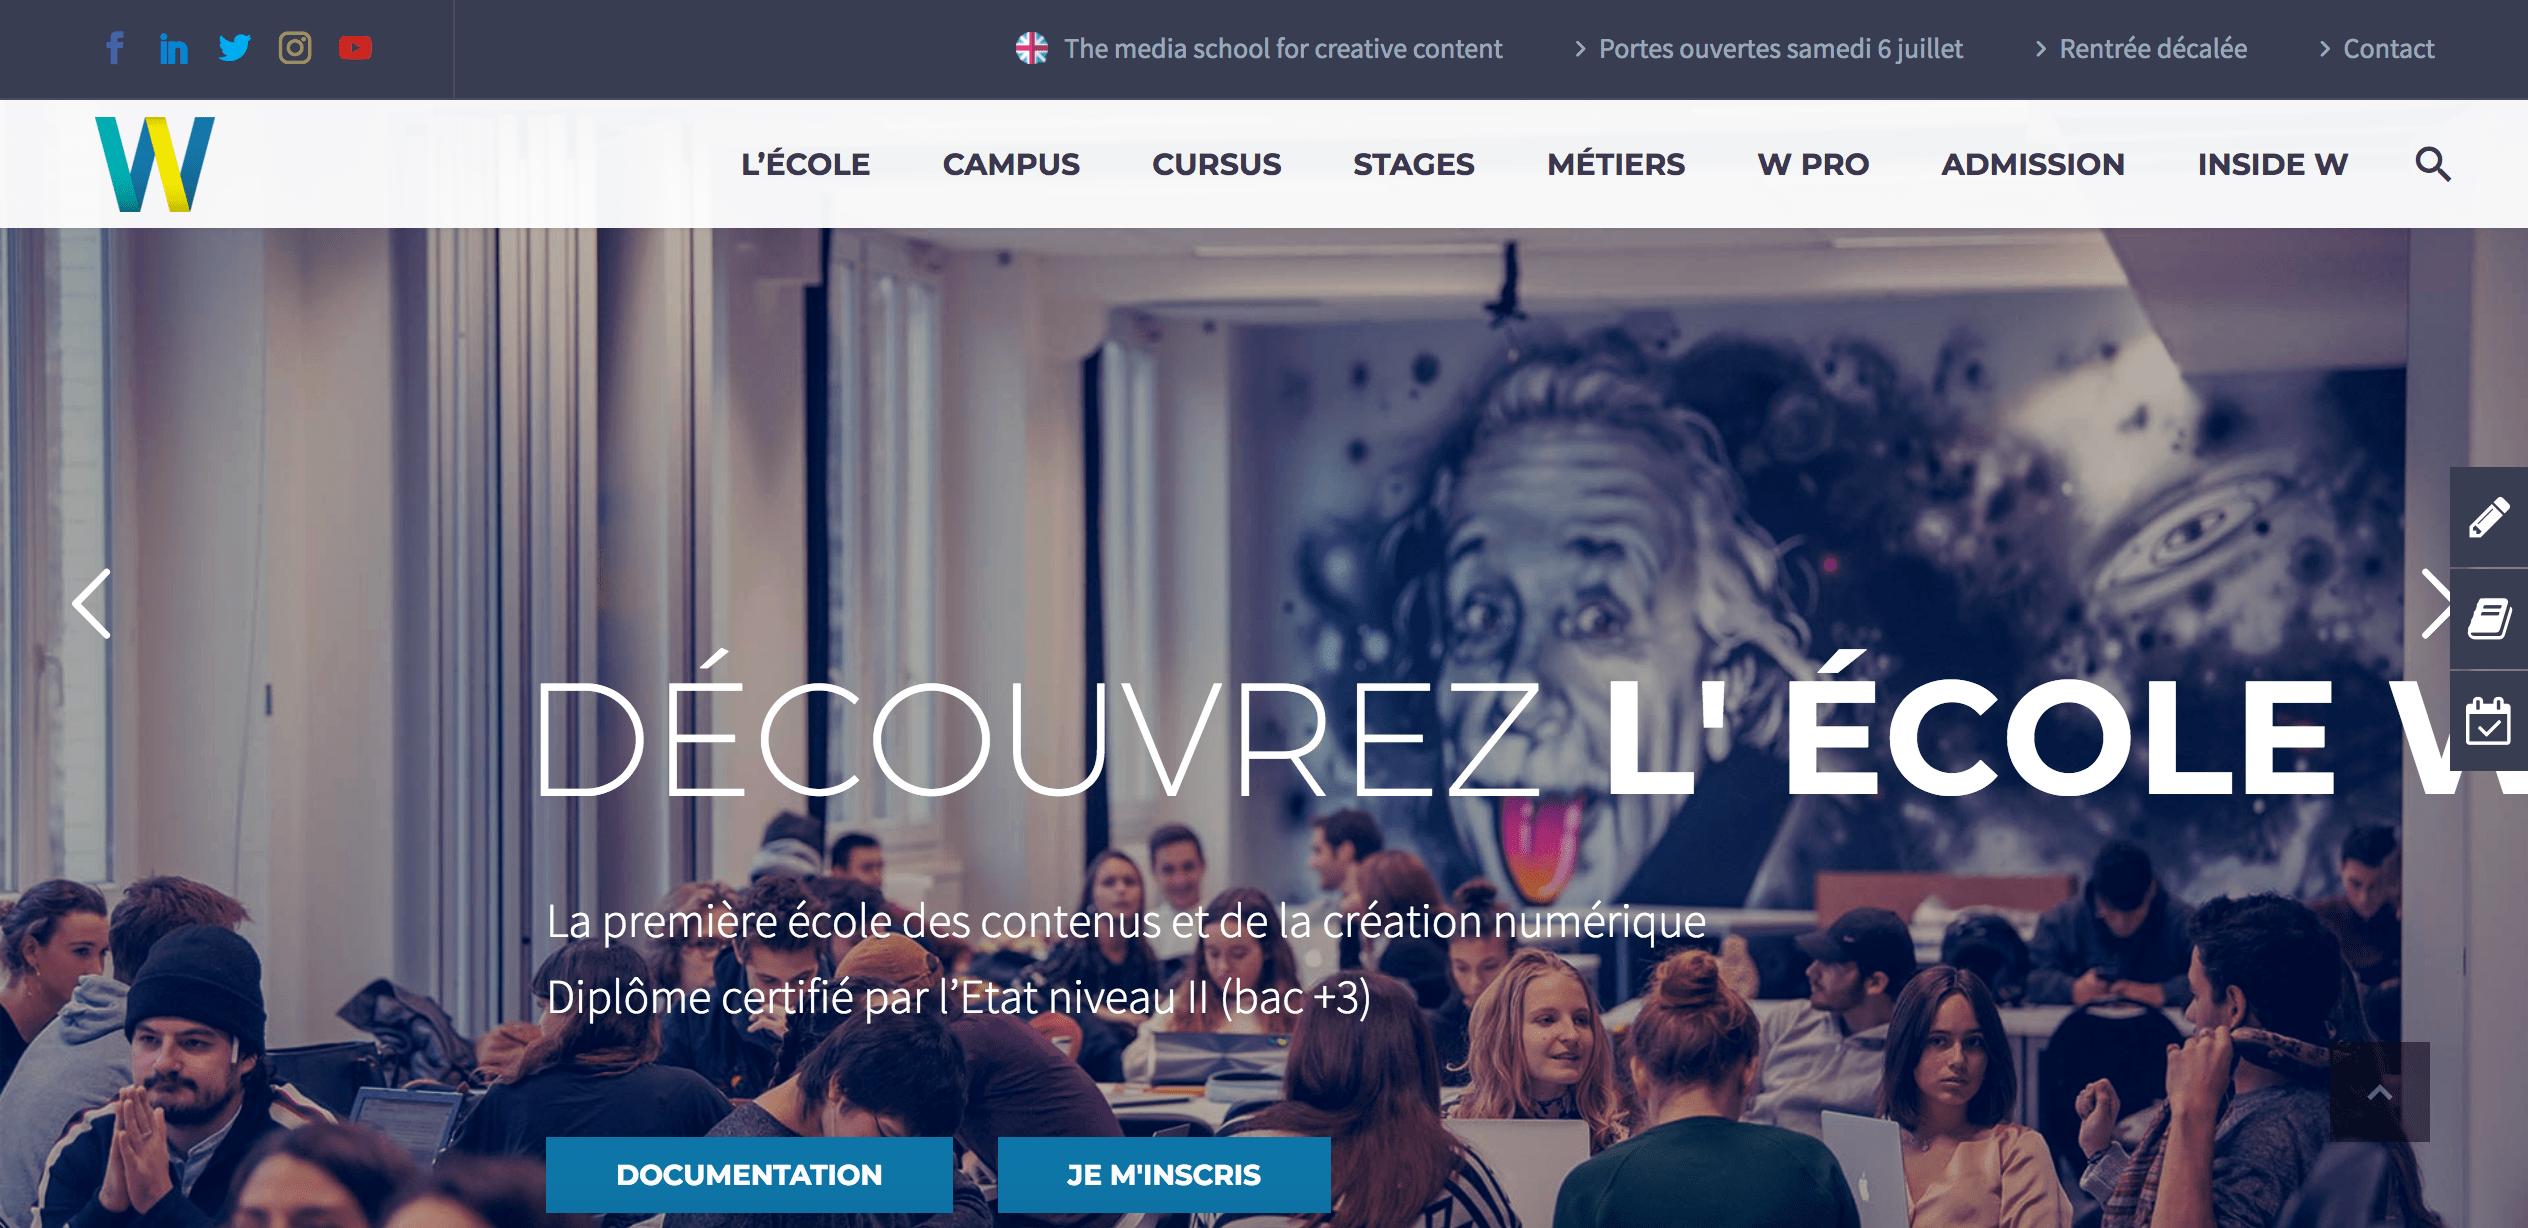 Page d'accueil du site de l'École W